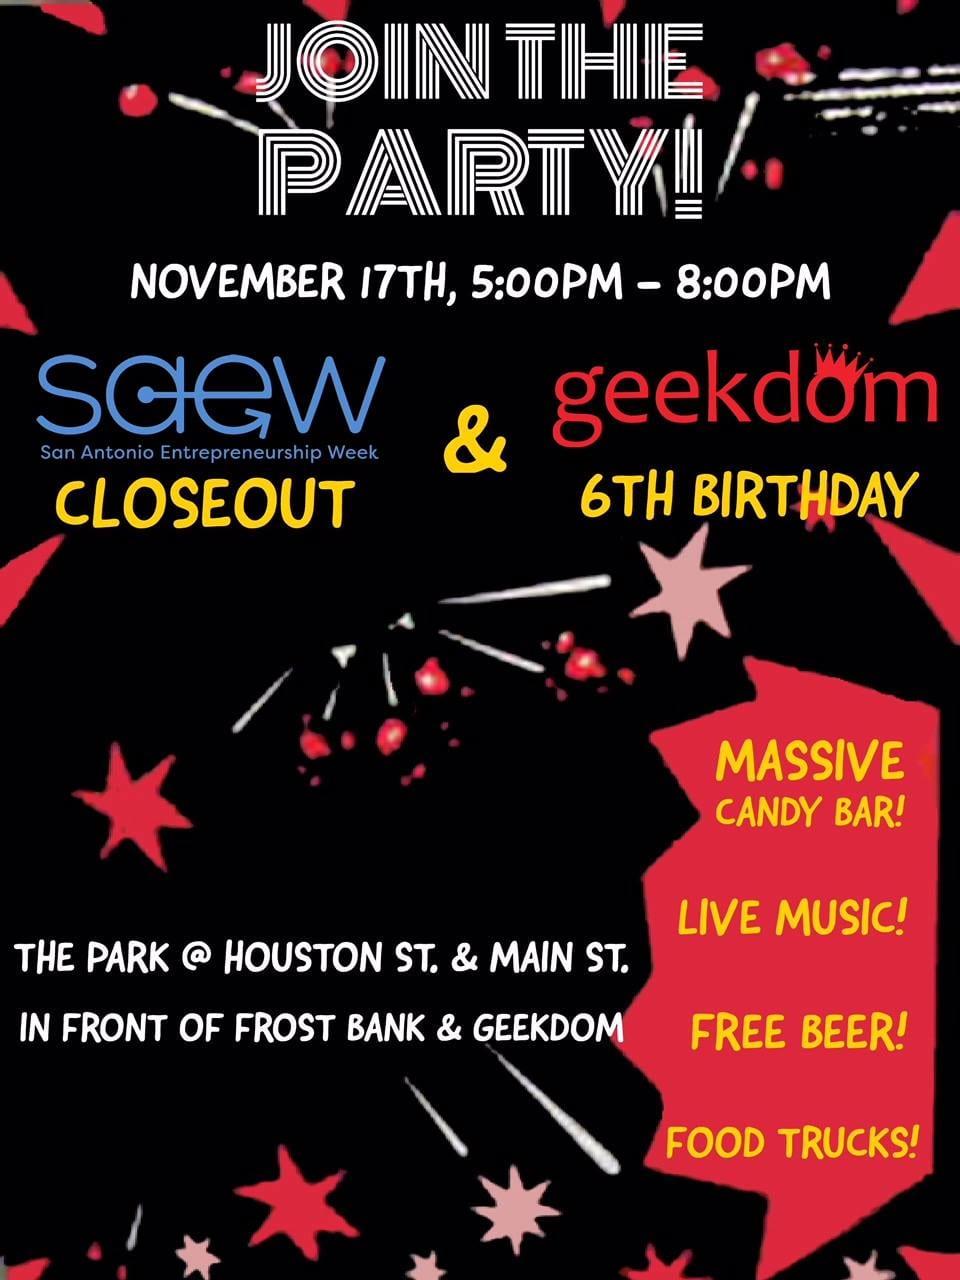 Geekdom 6th Birthday Party